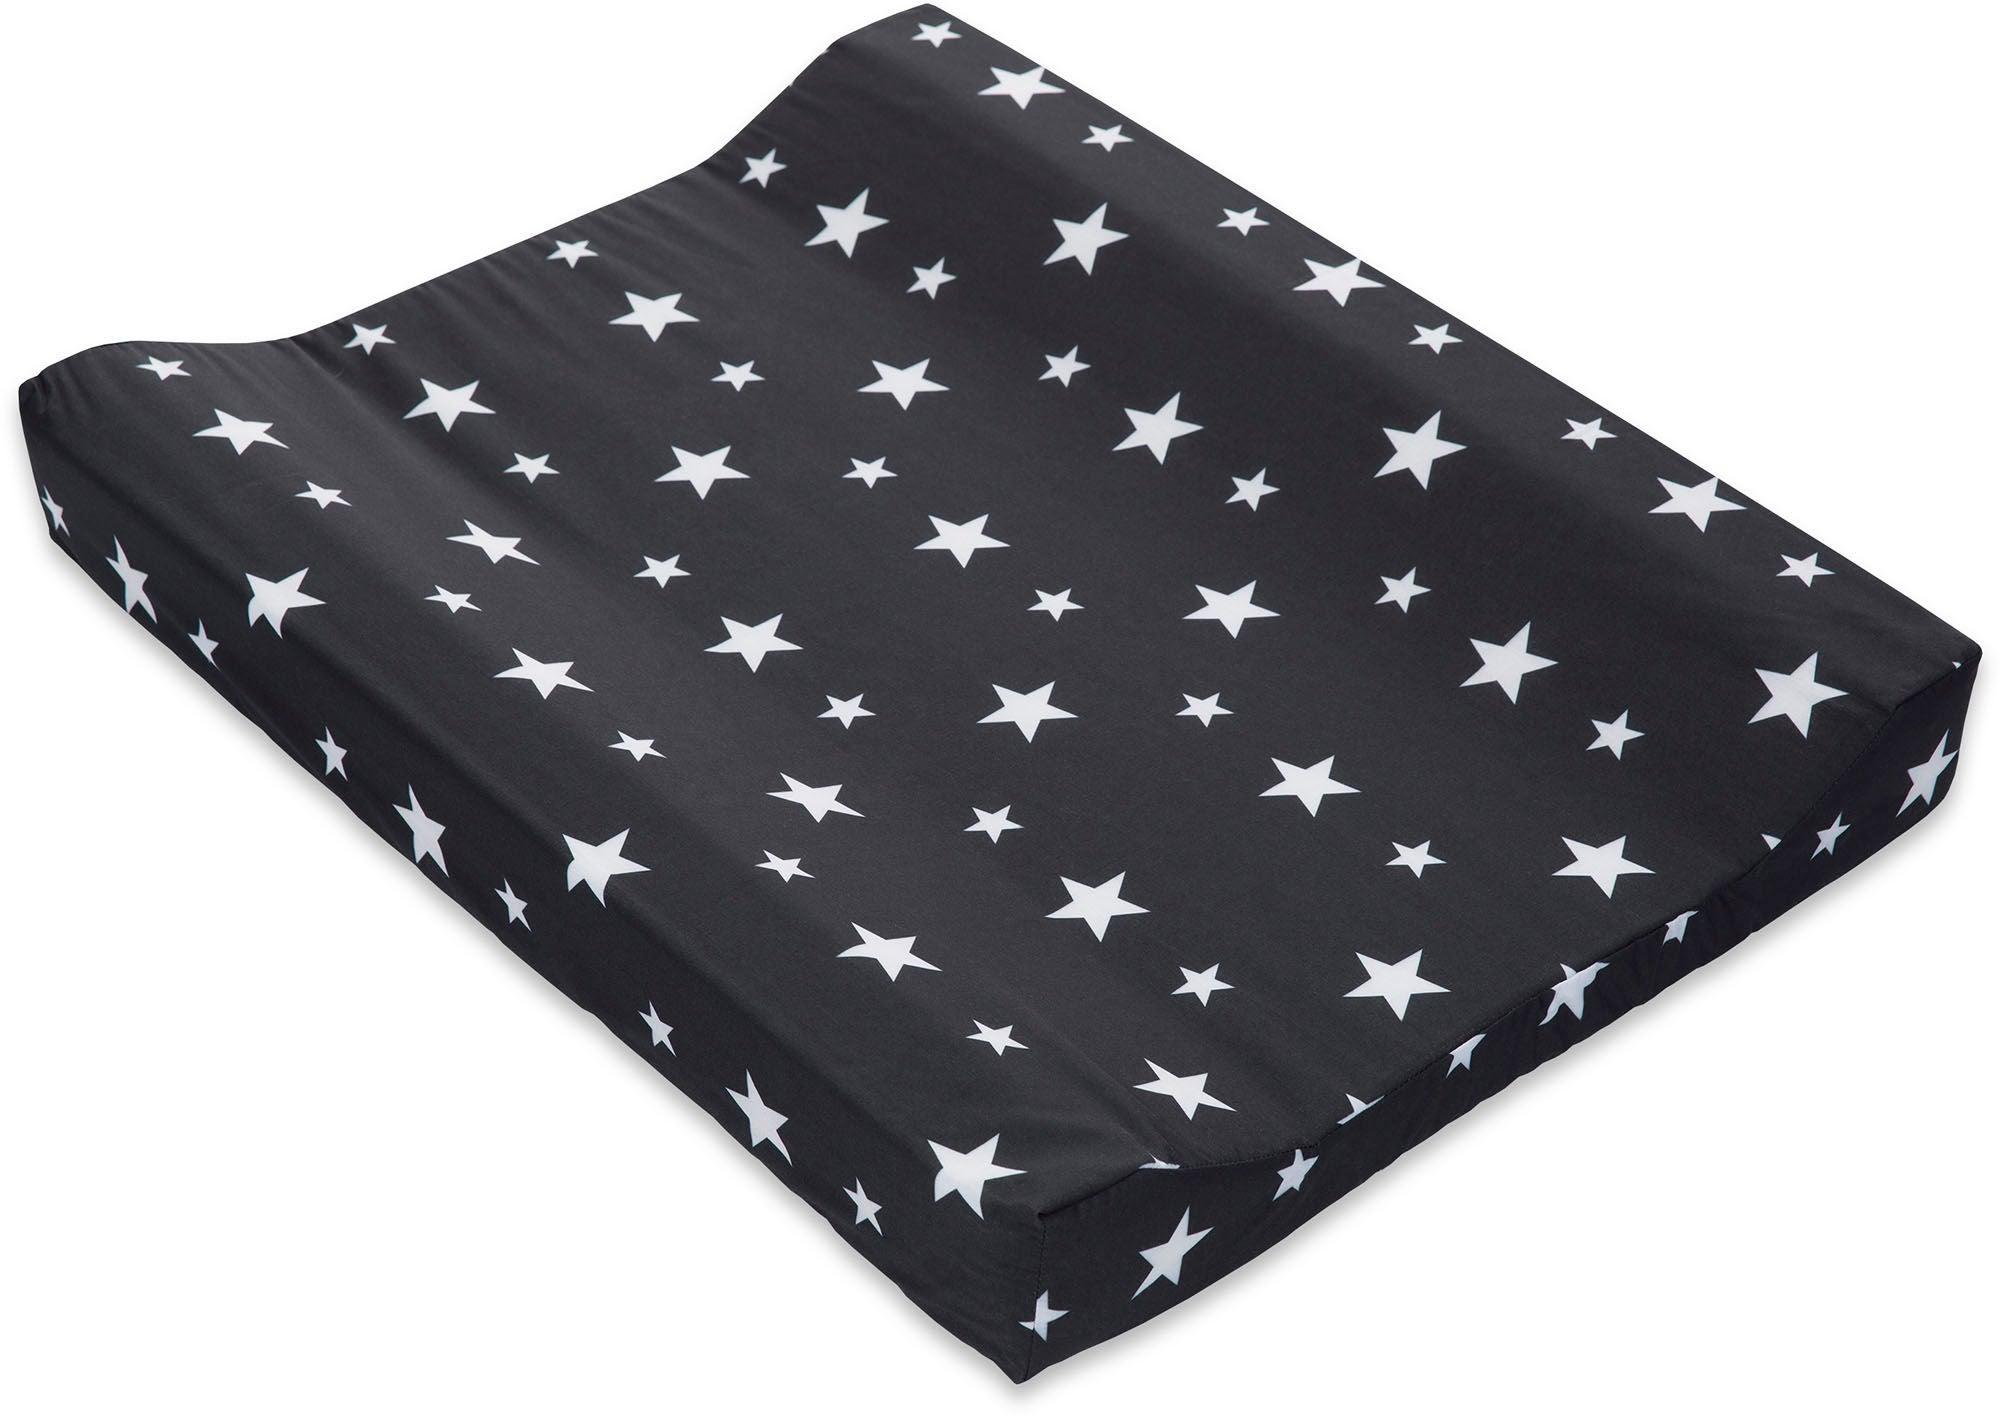 Beemoo Care Hoitoalusta Star, Musta